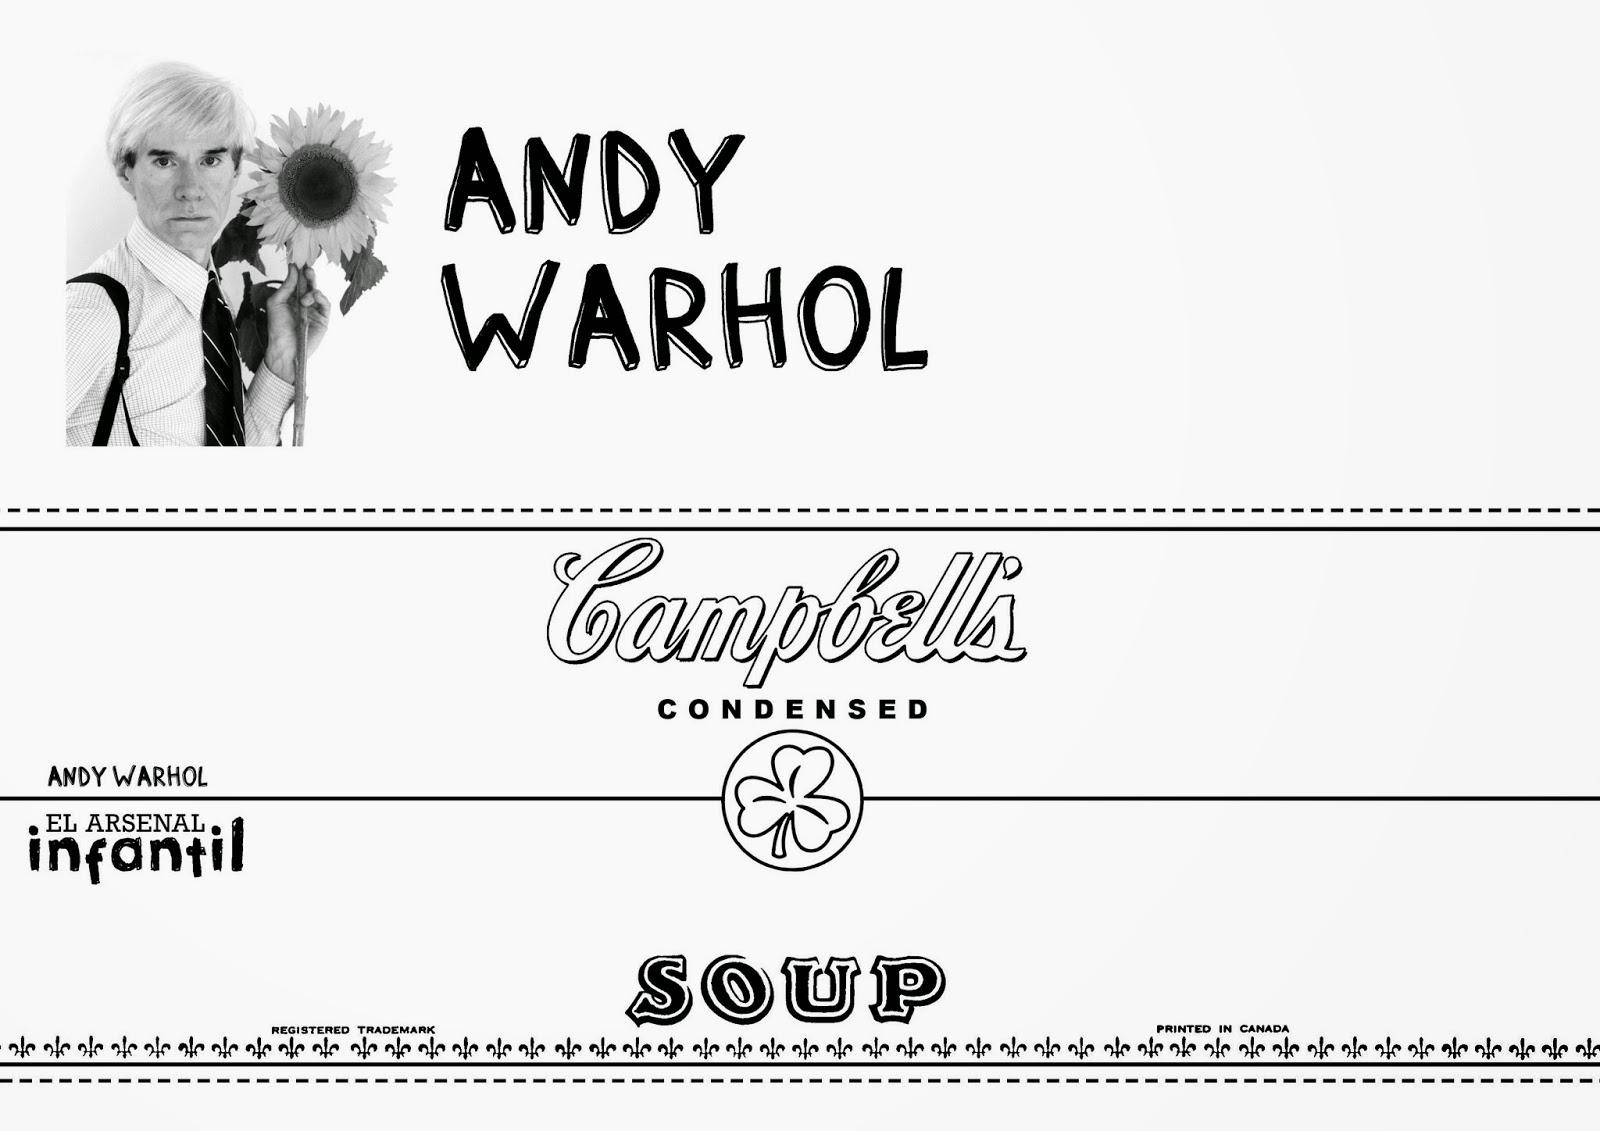 el arsenal infantil: ANDY WARHOL 2 | 29 NOV 2014